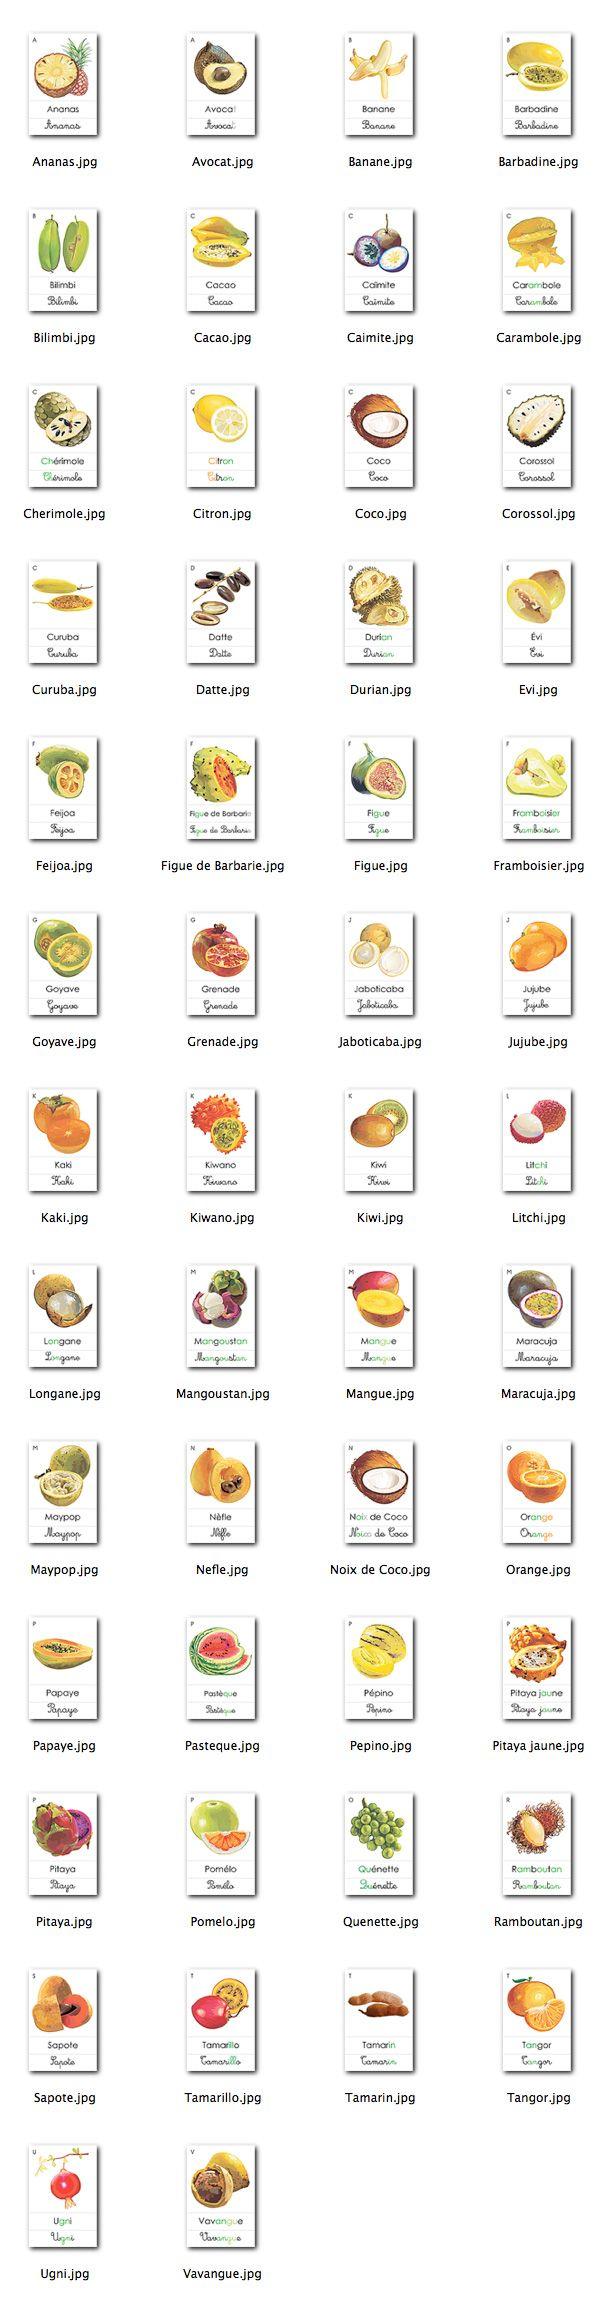 Fruit Qui Commence Par V. Fruit Qui Commence Par V With Fruit Qui ...